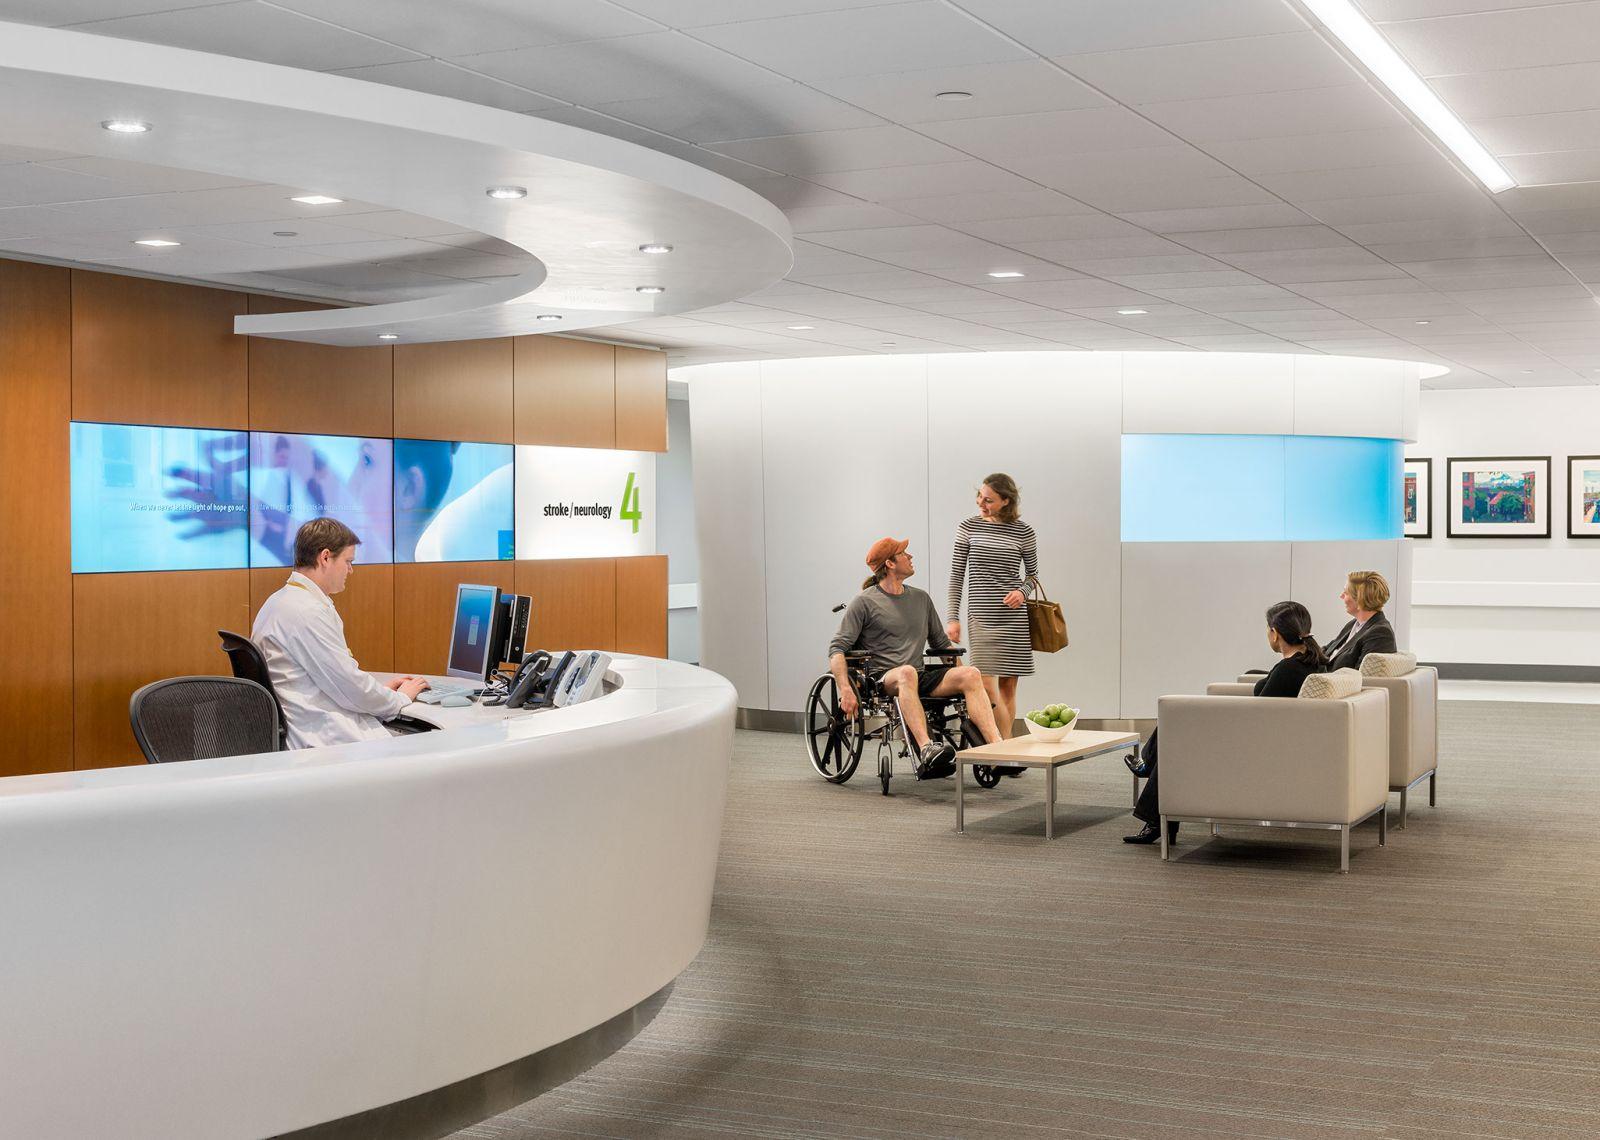 màn hình hiển thị kỹ thuật số chuyên dụng cho bệnh viện và trung tâm y tế